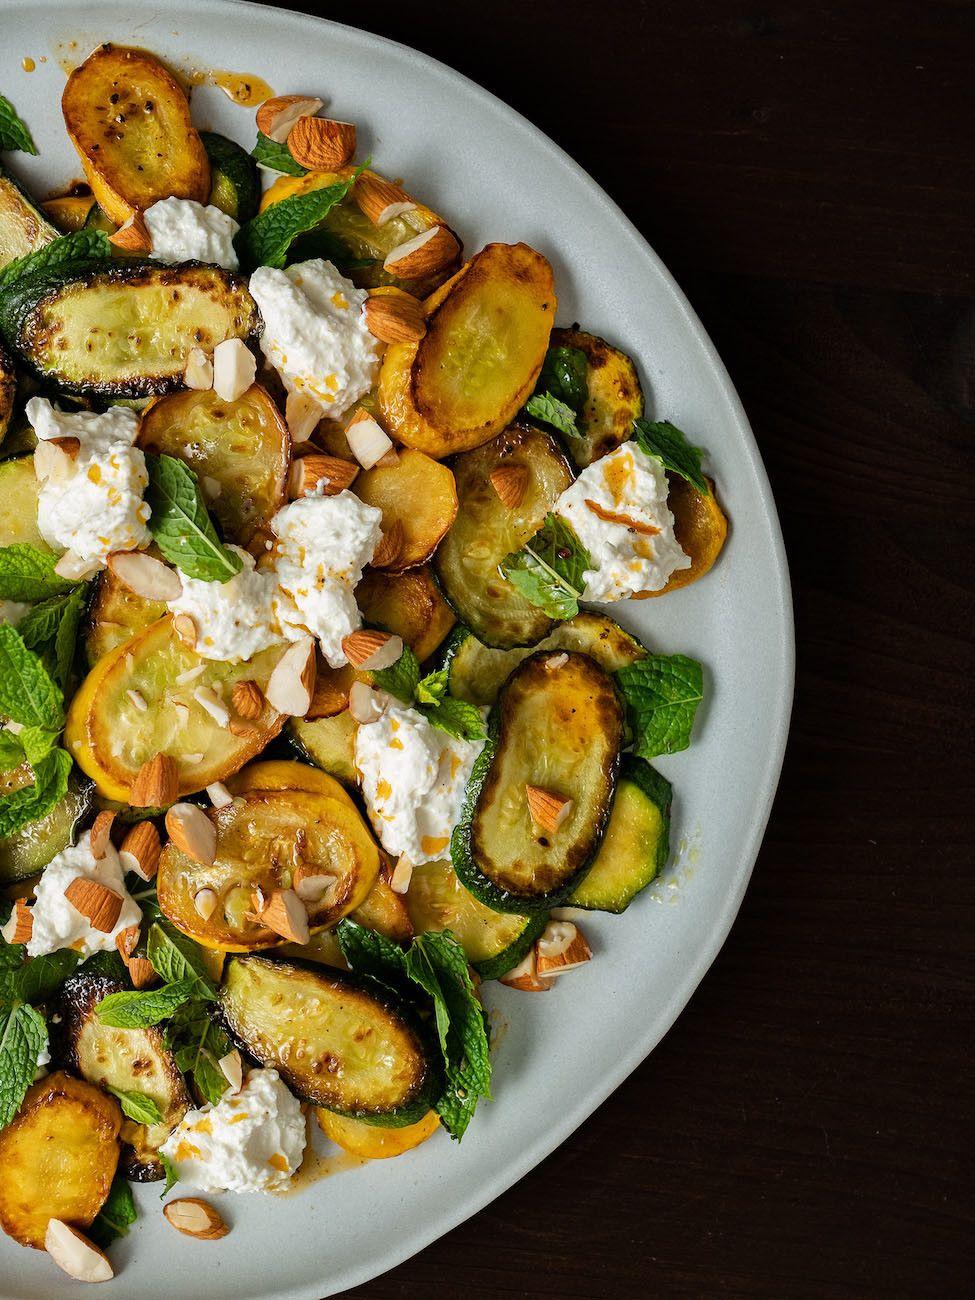 Zucchinisalat mit Ricotta, Mandeln und Minze, Teller